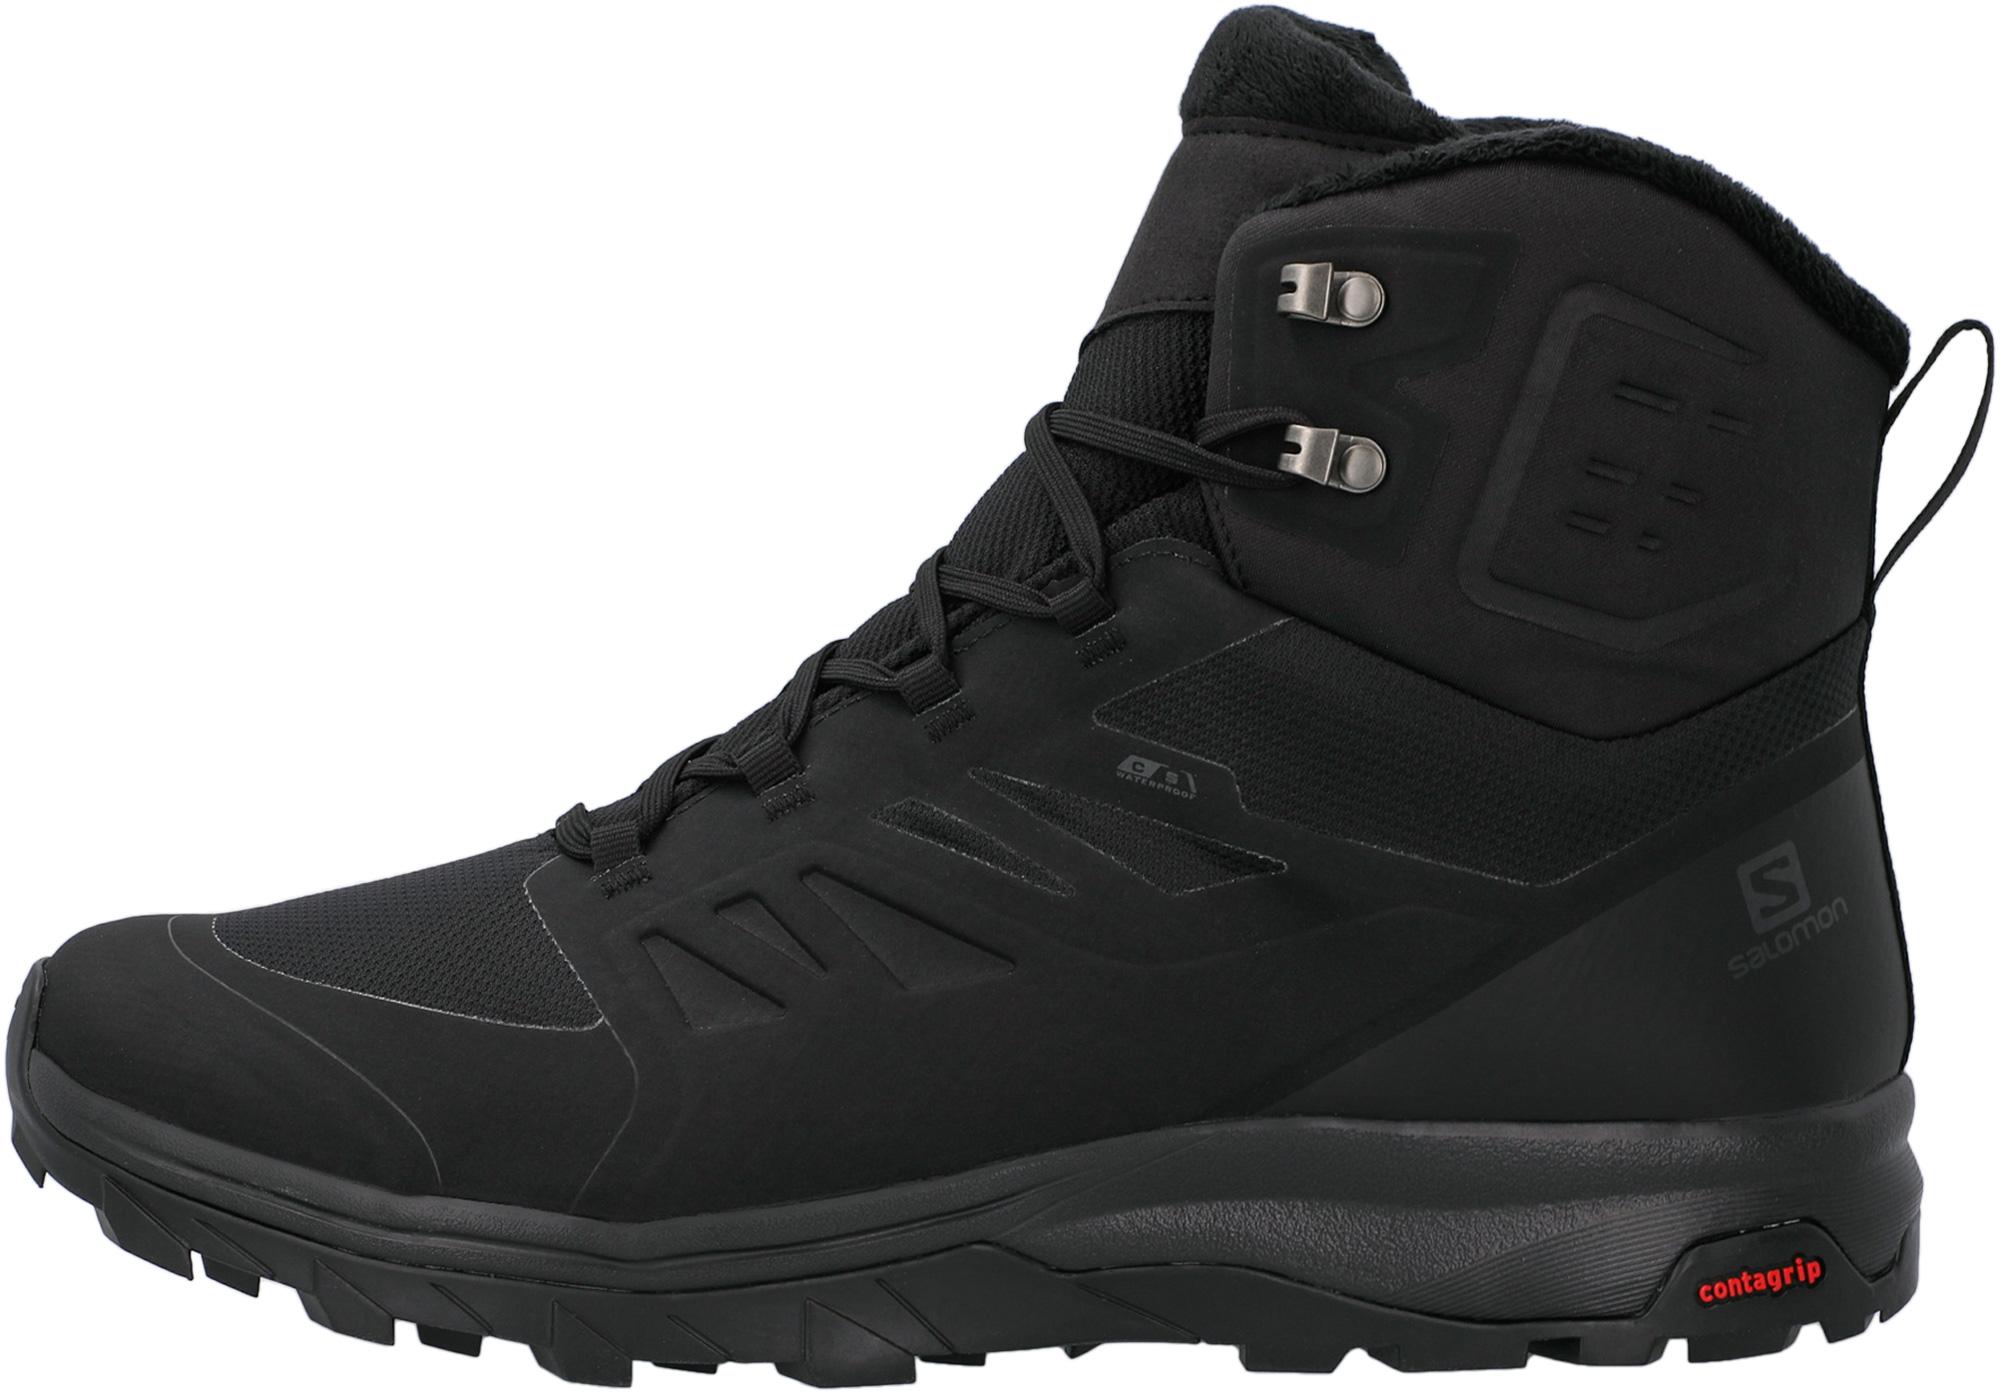 Ботинки утепленные мужские Salomon Outblast TS CSWP, размер 42